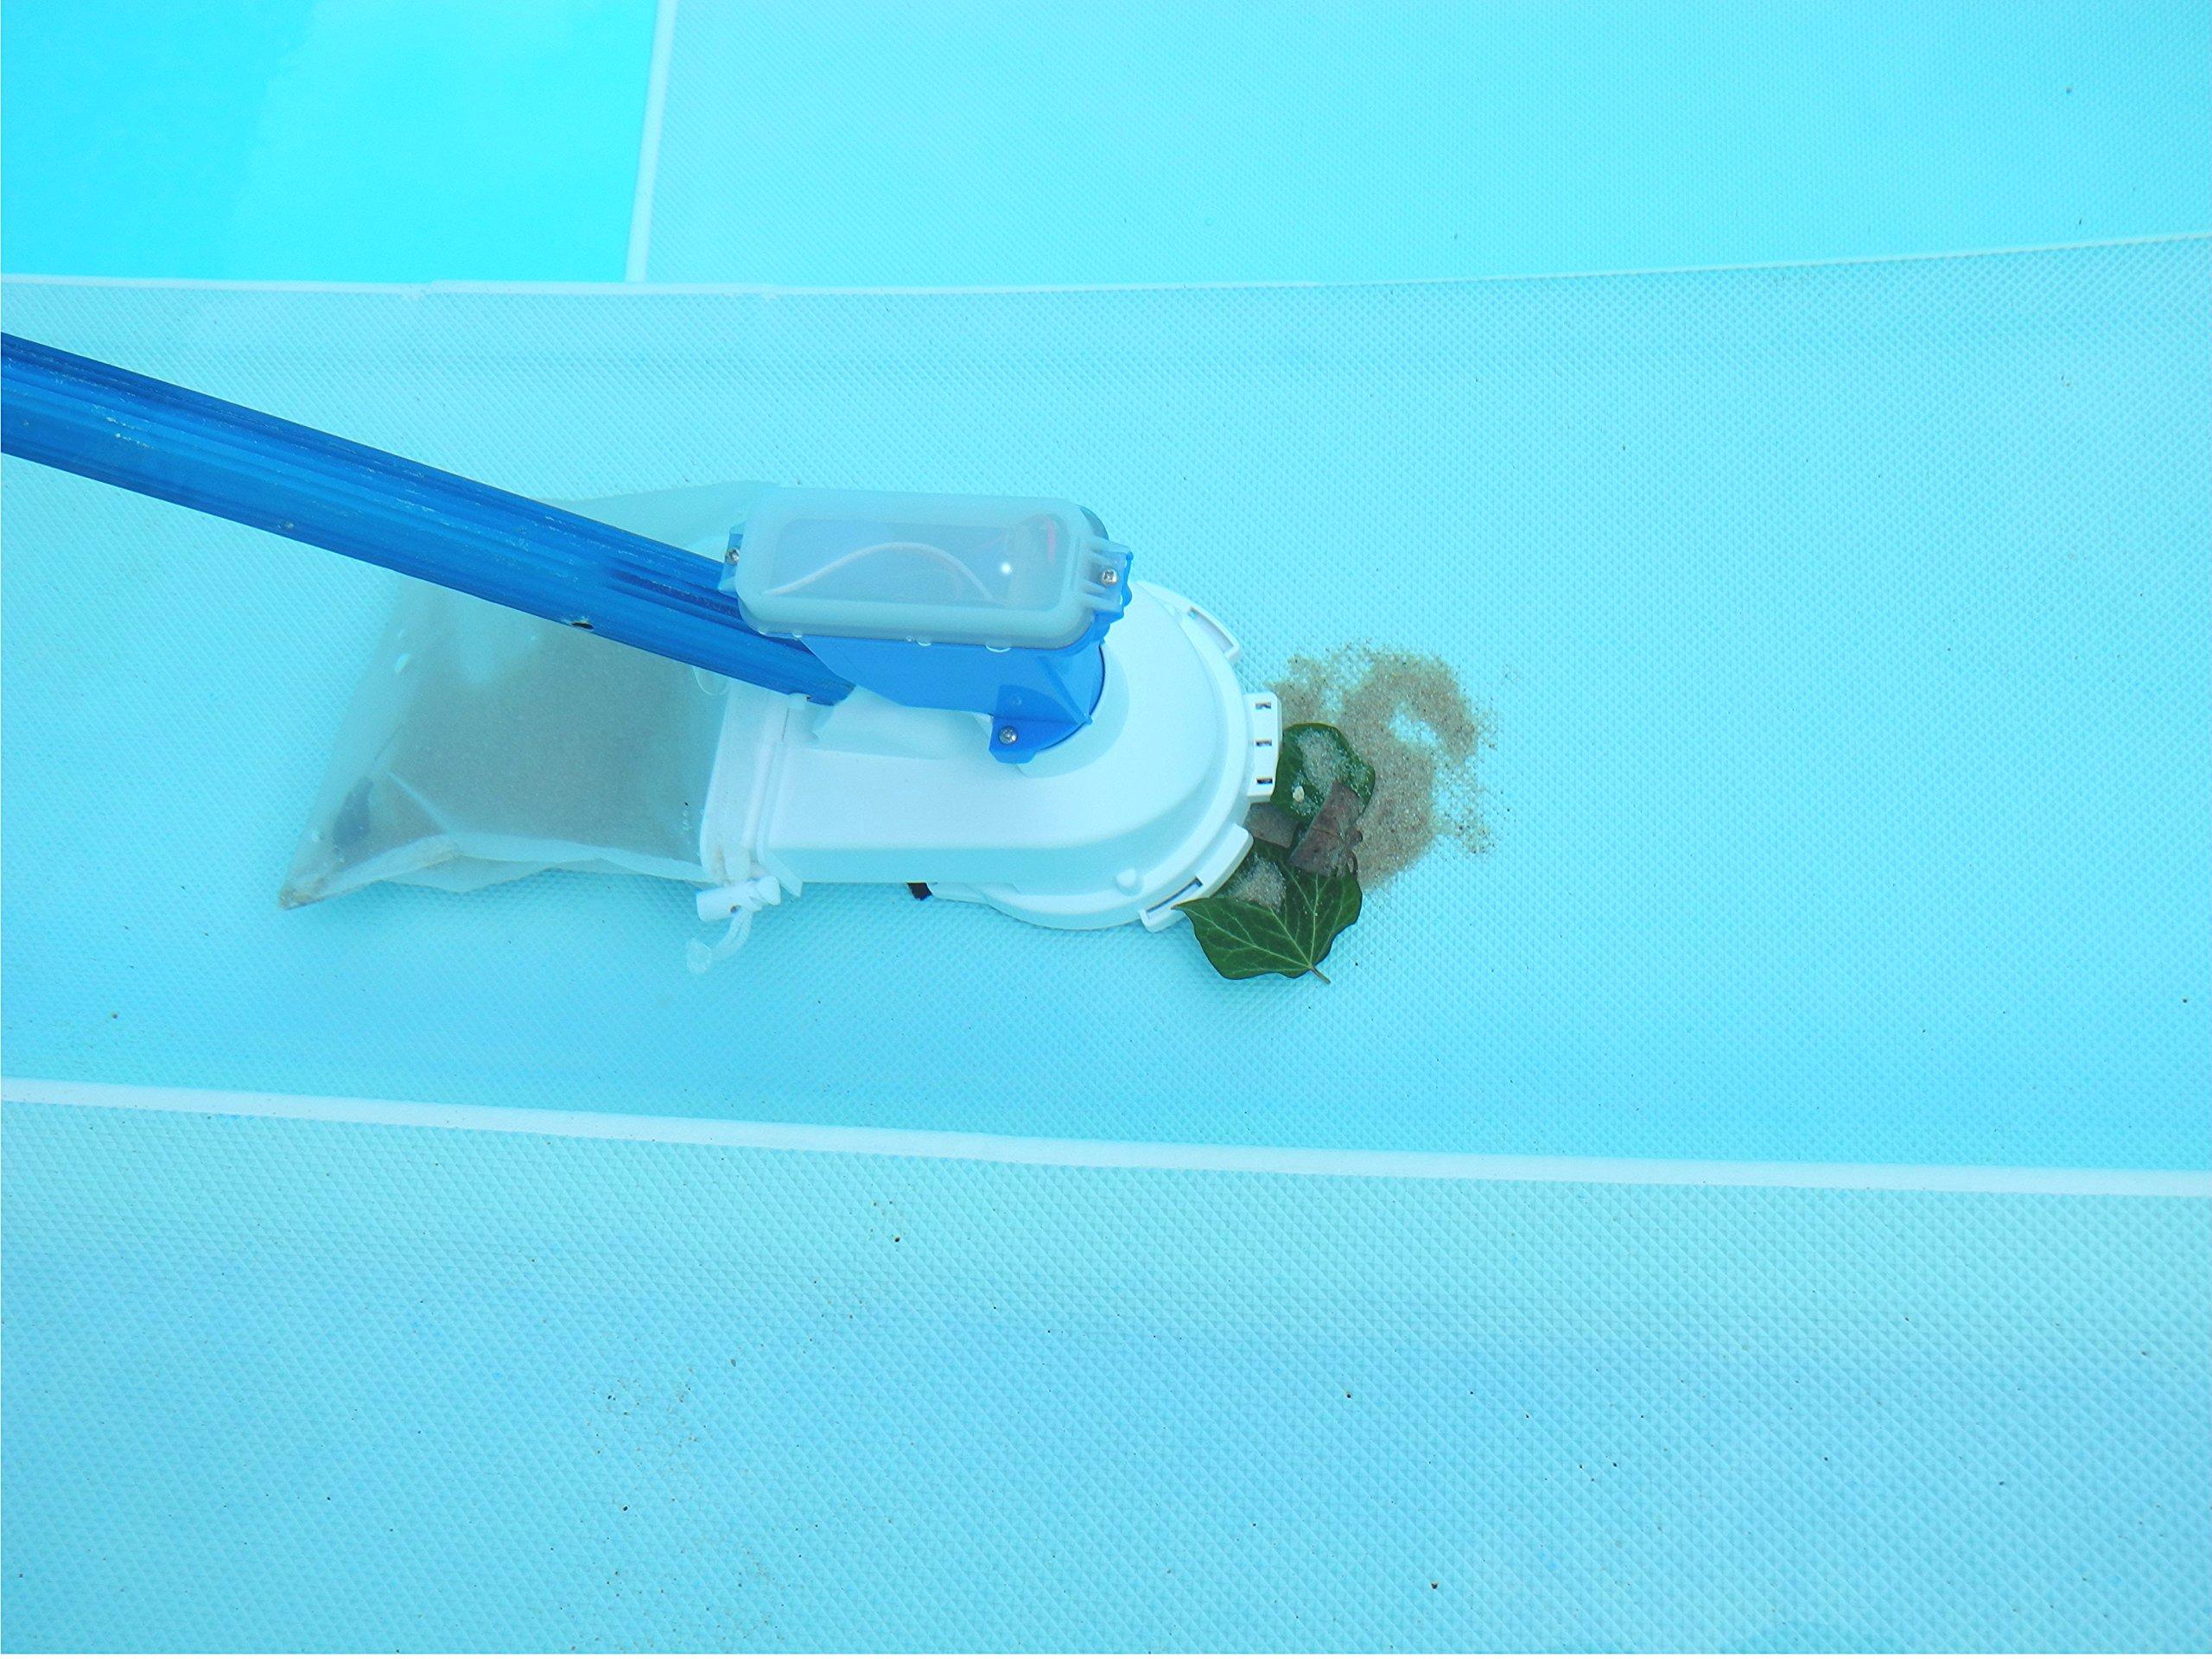 Limpiafondos manual para piscinas con batería litio recargable ...